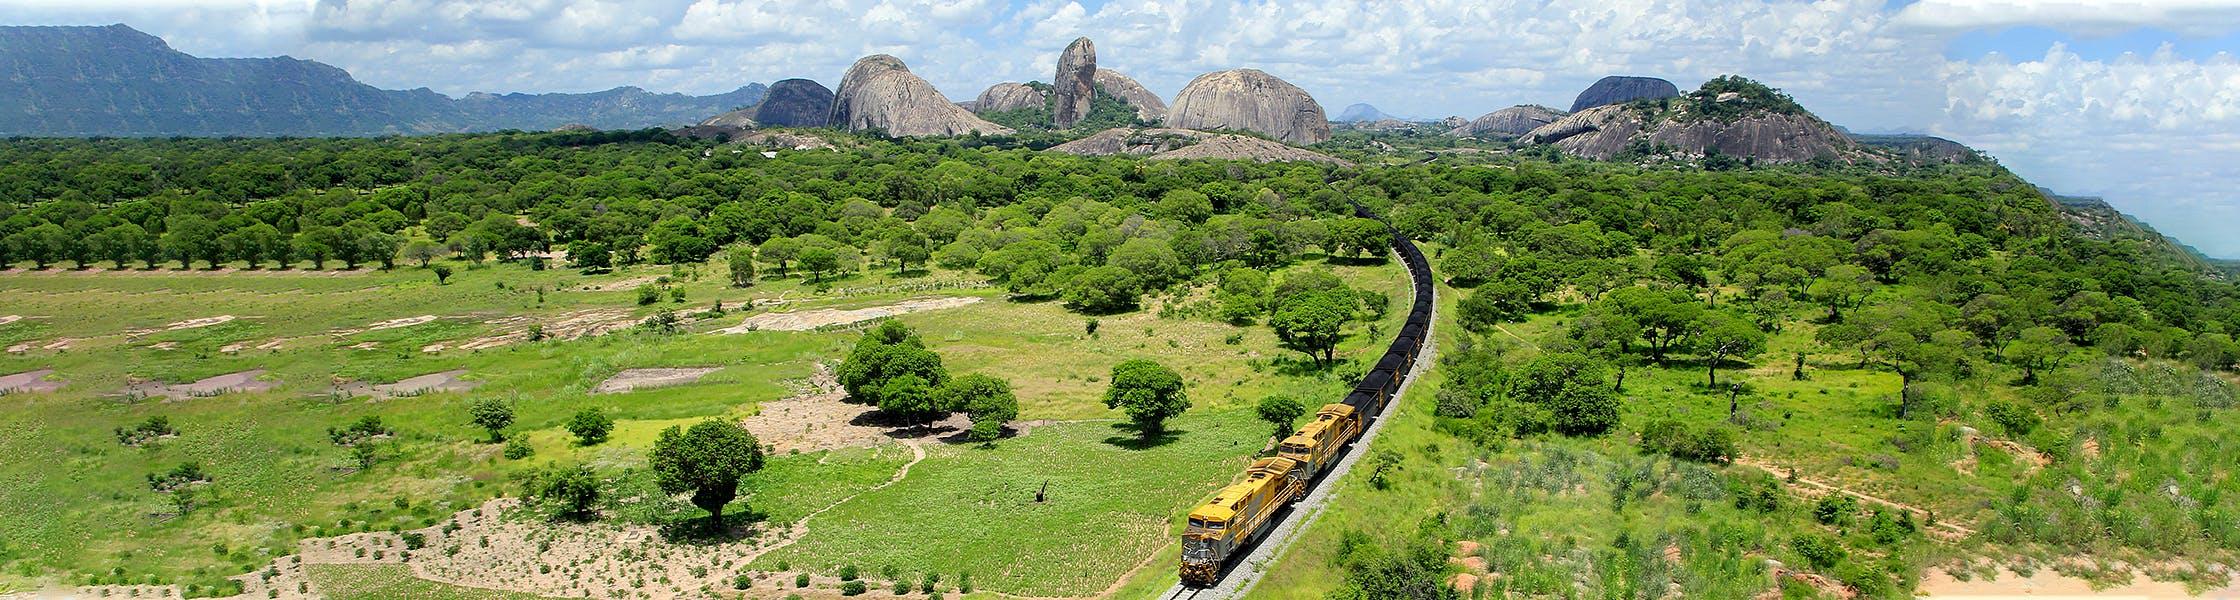 1555574025 bussan 1120x300 2x 2.jpg?ixlib=rails 3.0